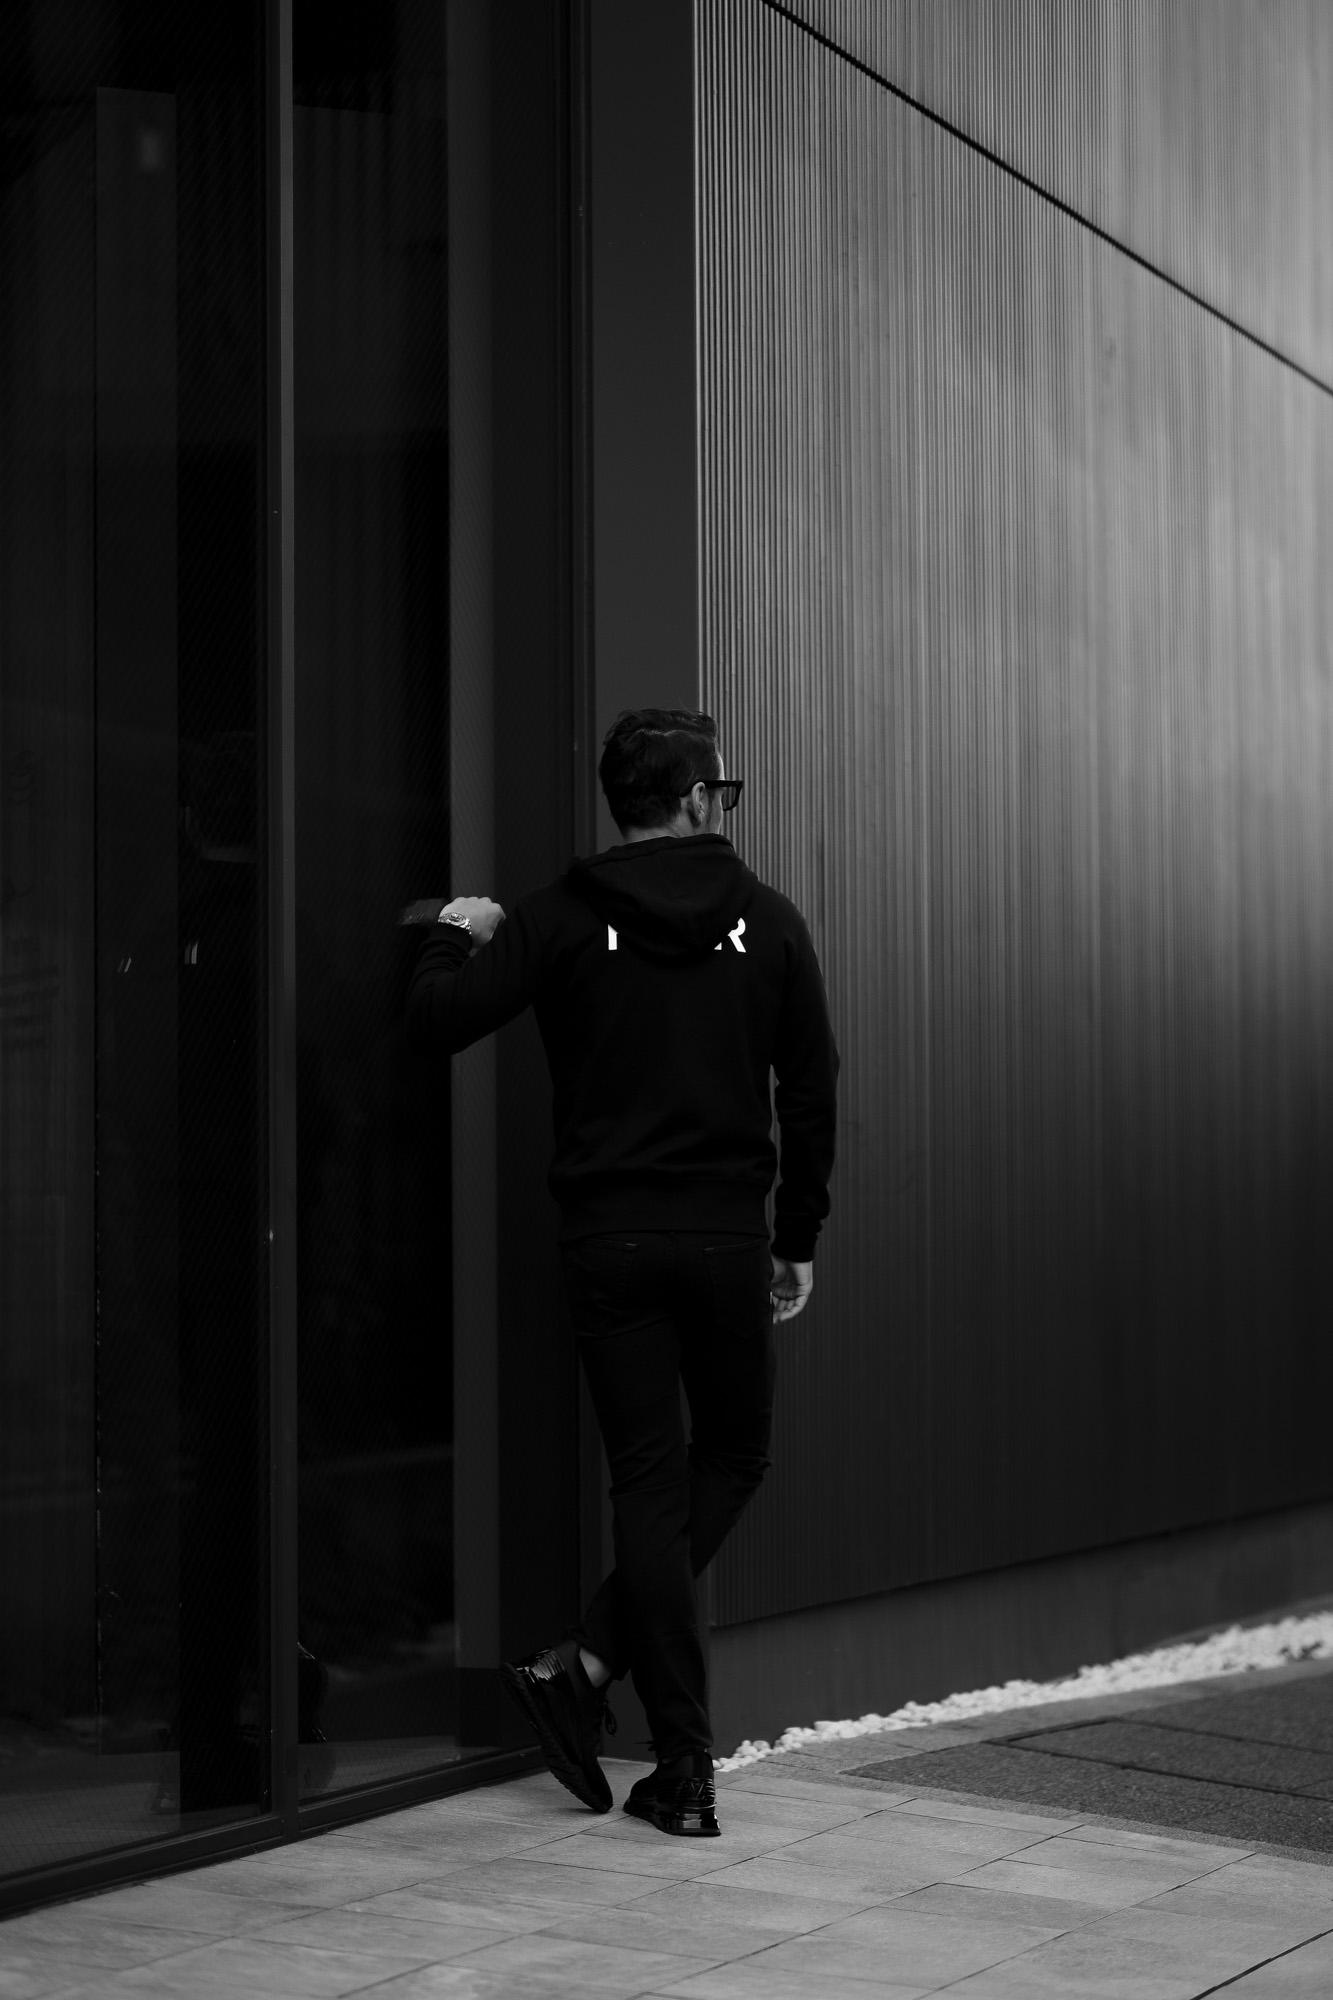 FIXER (フィクサー) FPK-02(エフピーケー02) Sweat Hoodie スウェットフーディー BLACK (ブラック) 【ご予約開始します】【2020.9.26(Sat)~2020.10.11(Sun)】愛知 名古屋 altoediritto アルトエデリット パーカー プリントロゴ ロゴプリント 肉厚 裏サーマル